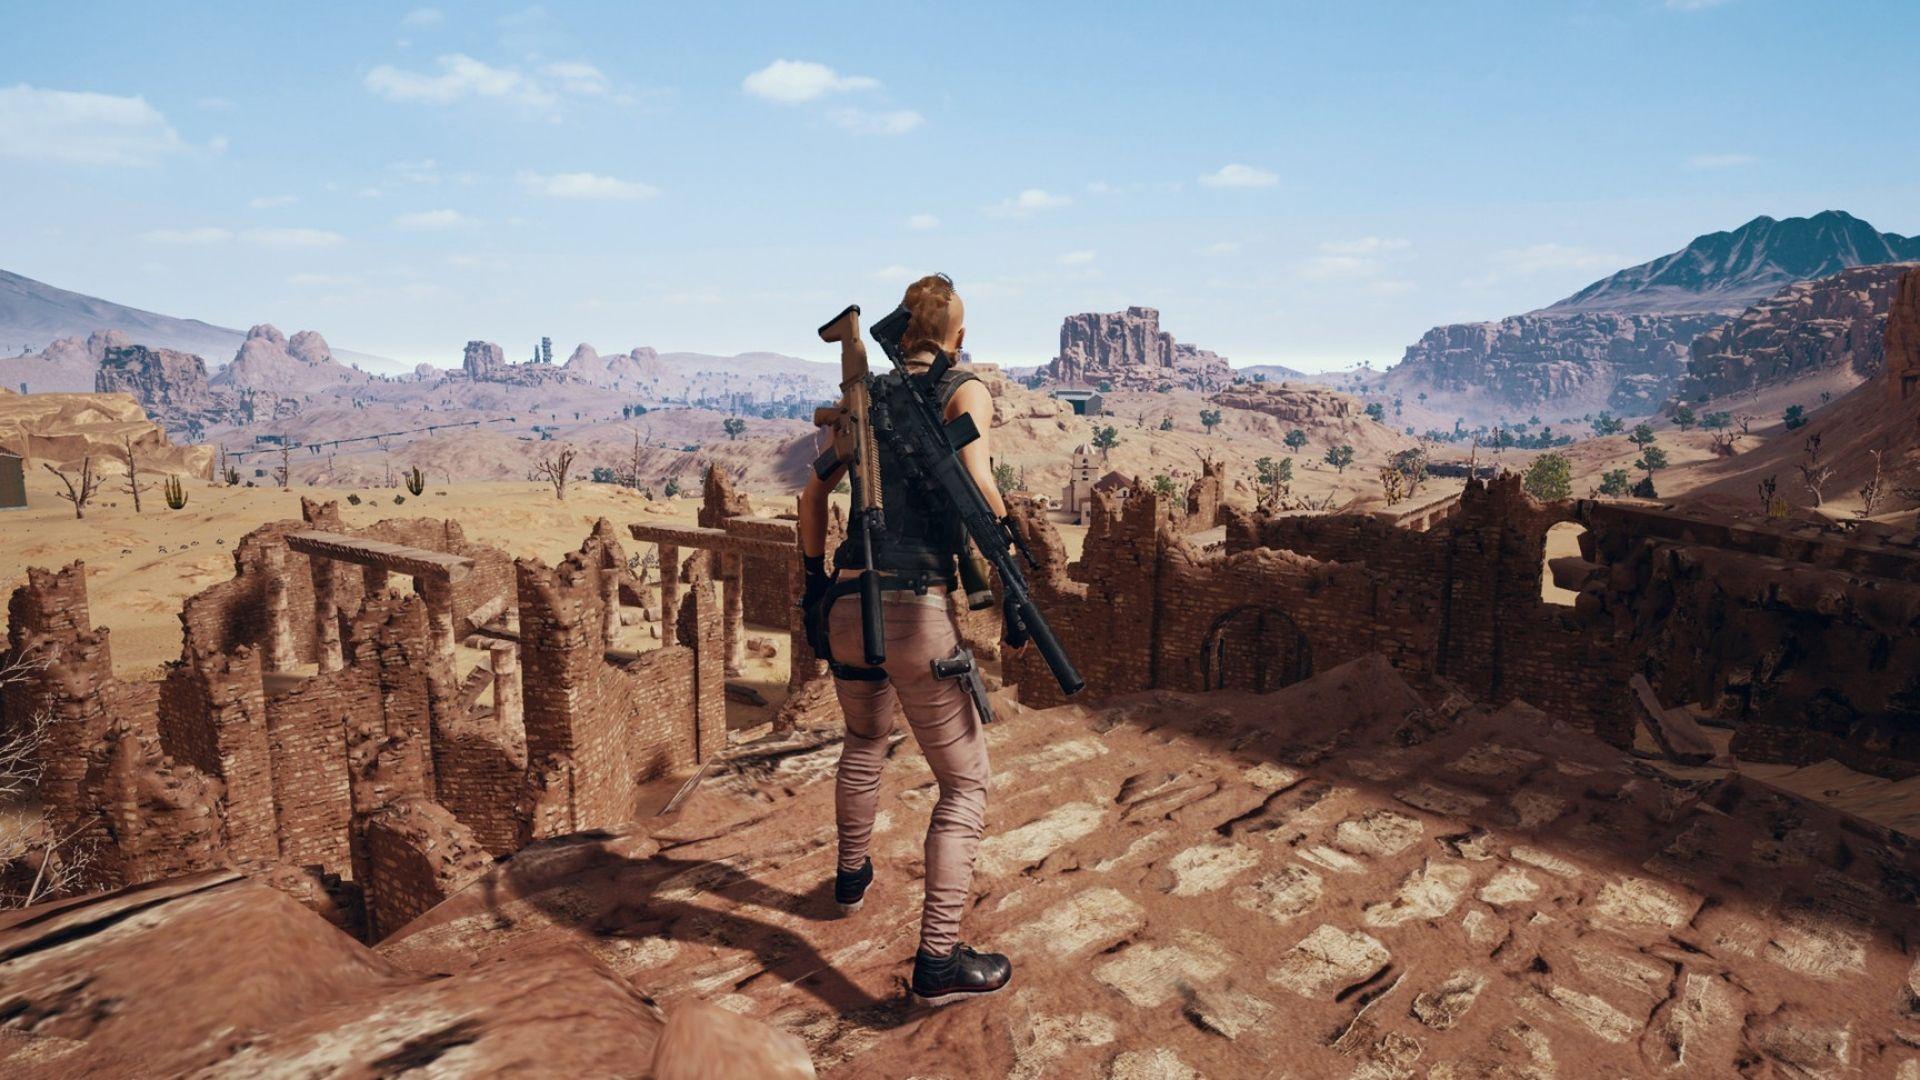 Personagem armada acima de uma ruína observando um cenário desértico